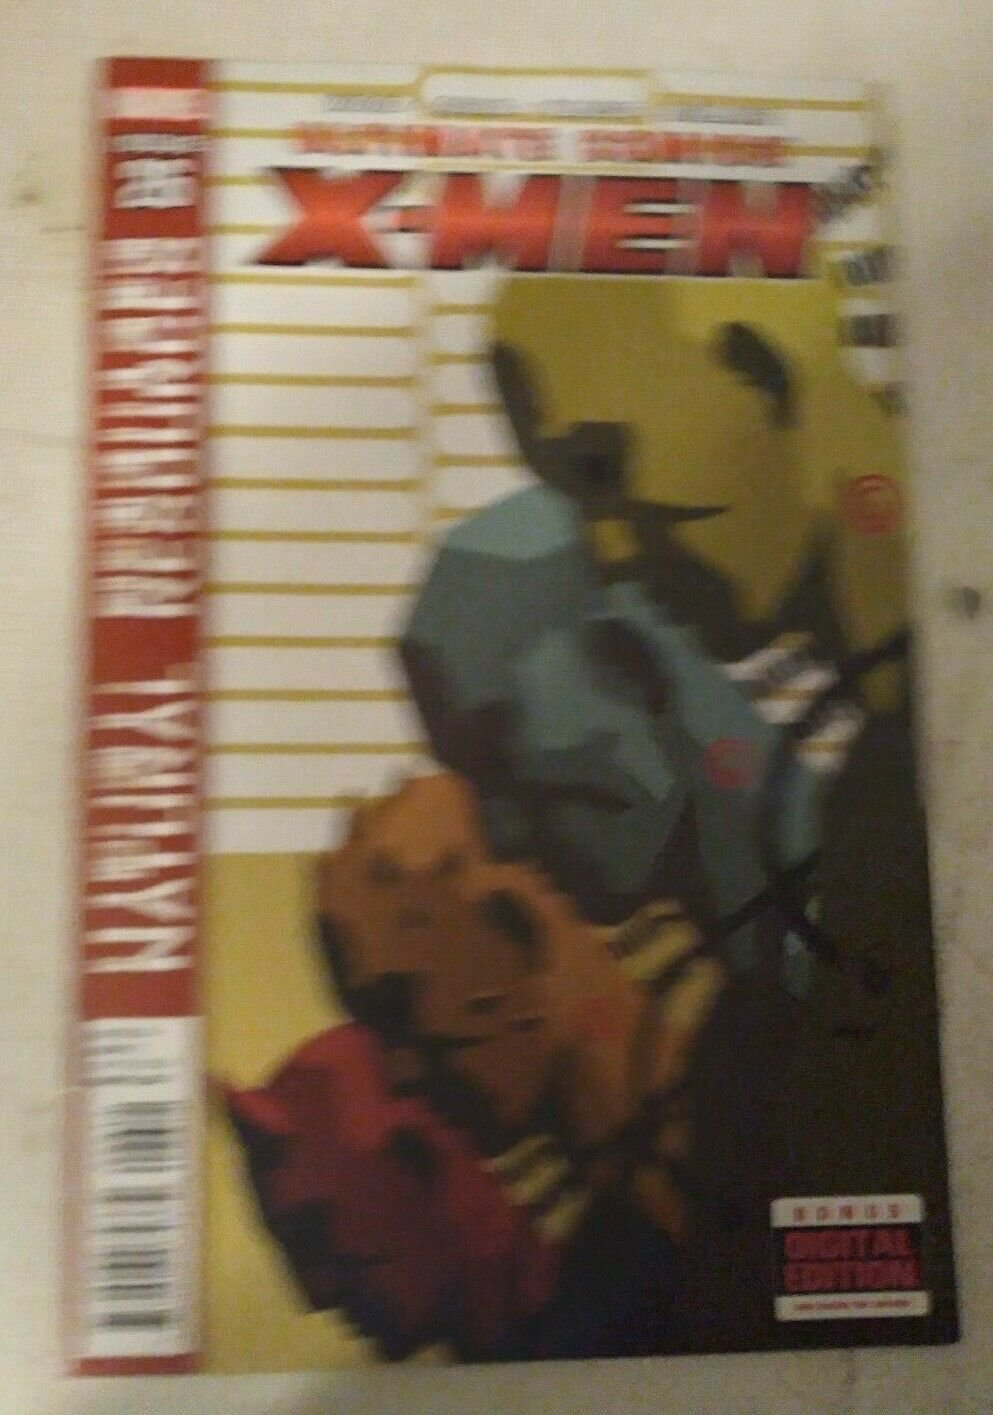 Ultimate Comics X-men #26 VF/NM Marvel Comics Xmen